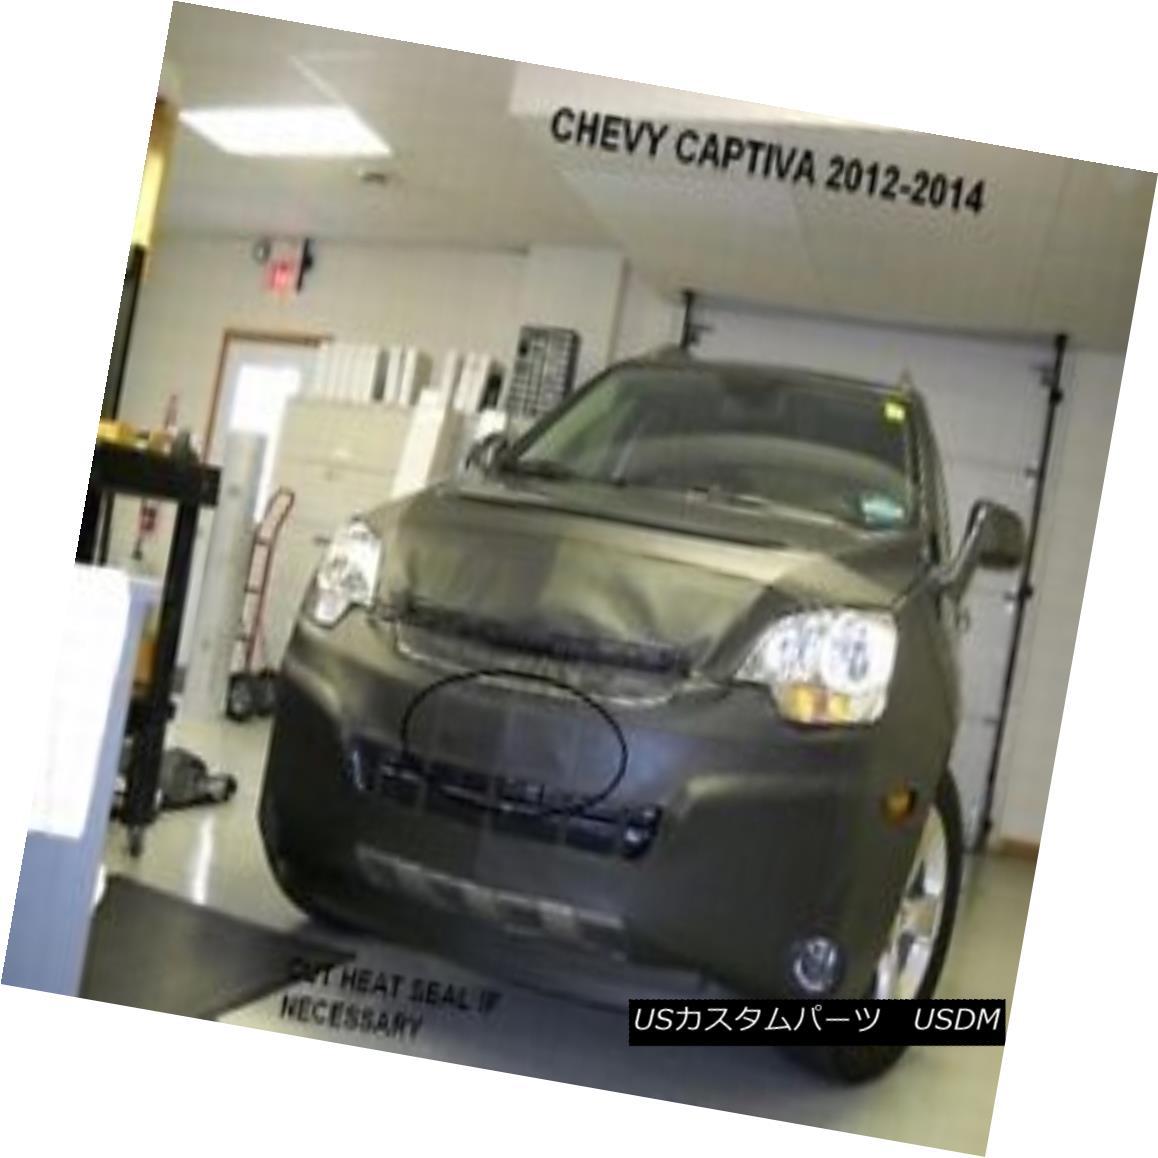 フルブラ ノーズブラ Lebra Front End Cover Bra mask Fits Chevy Chevrolet Captiva 2012 2013 2014 2015 LebraフロントエンドカバーブラスマスクはChevy Chevrolet Captivaに適合2012 2013 2014 2015